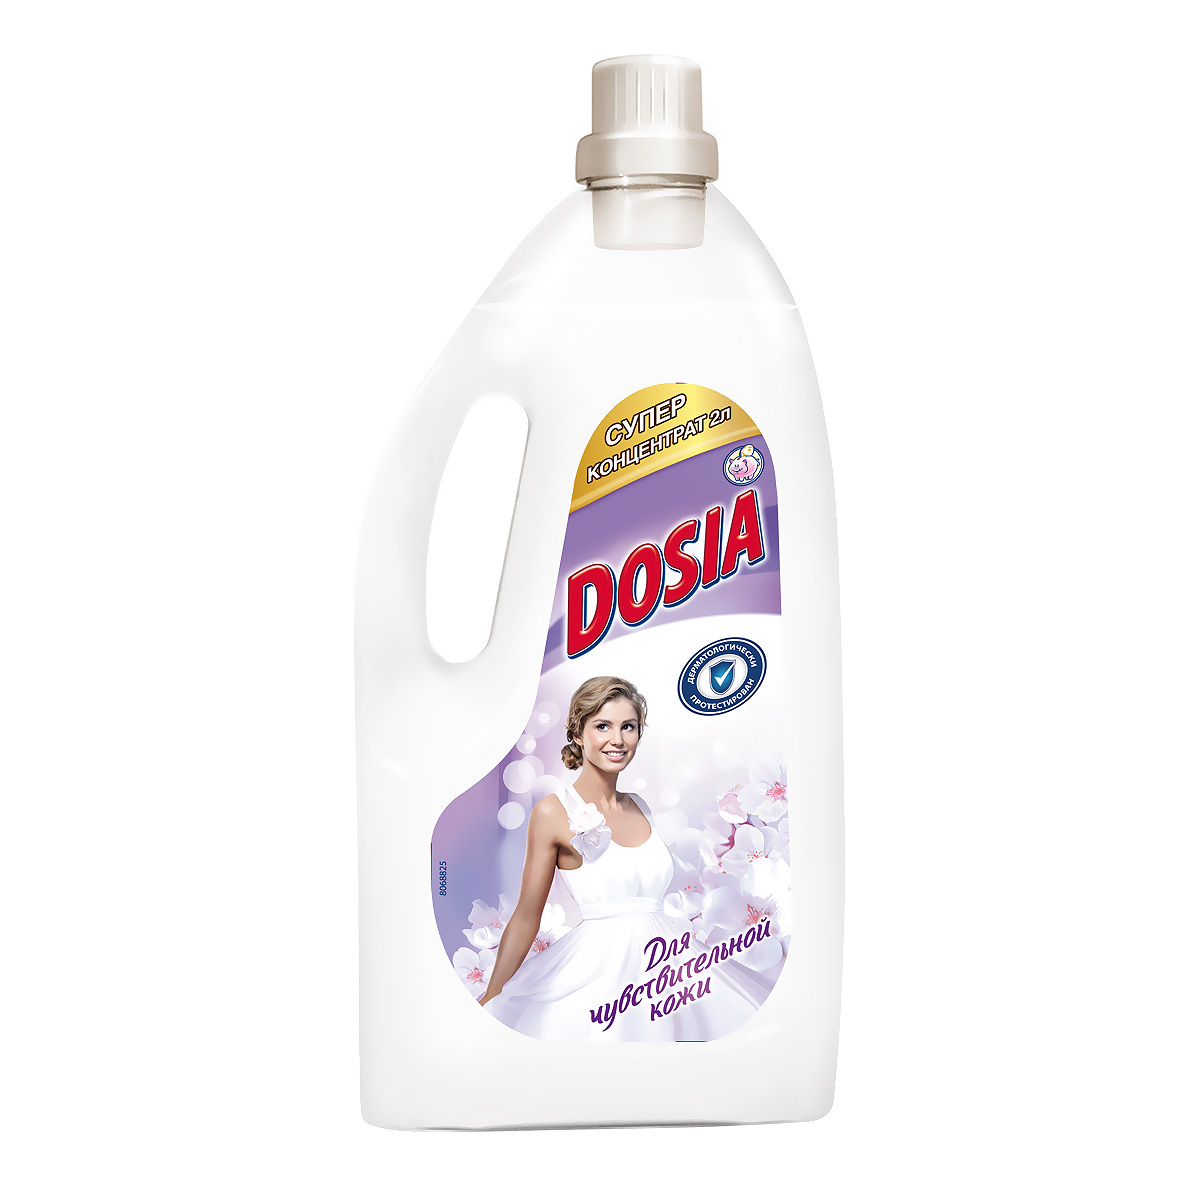 Ополаскиватель для белья Dosia, для чувствительной кожи, концентрированный, 2 л10949Концентрированный ополаскиватель для белья Dosia идеально подходит для всех типов тканей. Он придает белью мягкость и свежий аромат. Обладает антистатическим свойством, облегчает глажение. Ополаскиватель отлично подойдет для использования людям с чувствительной кожей. Характеристики: Объем: 2 л. Производитель: Россия. Товар сертифицирован.